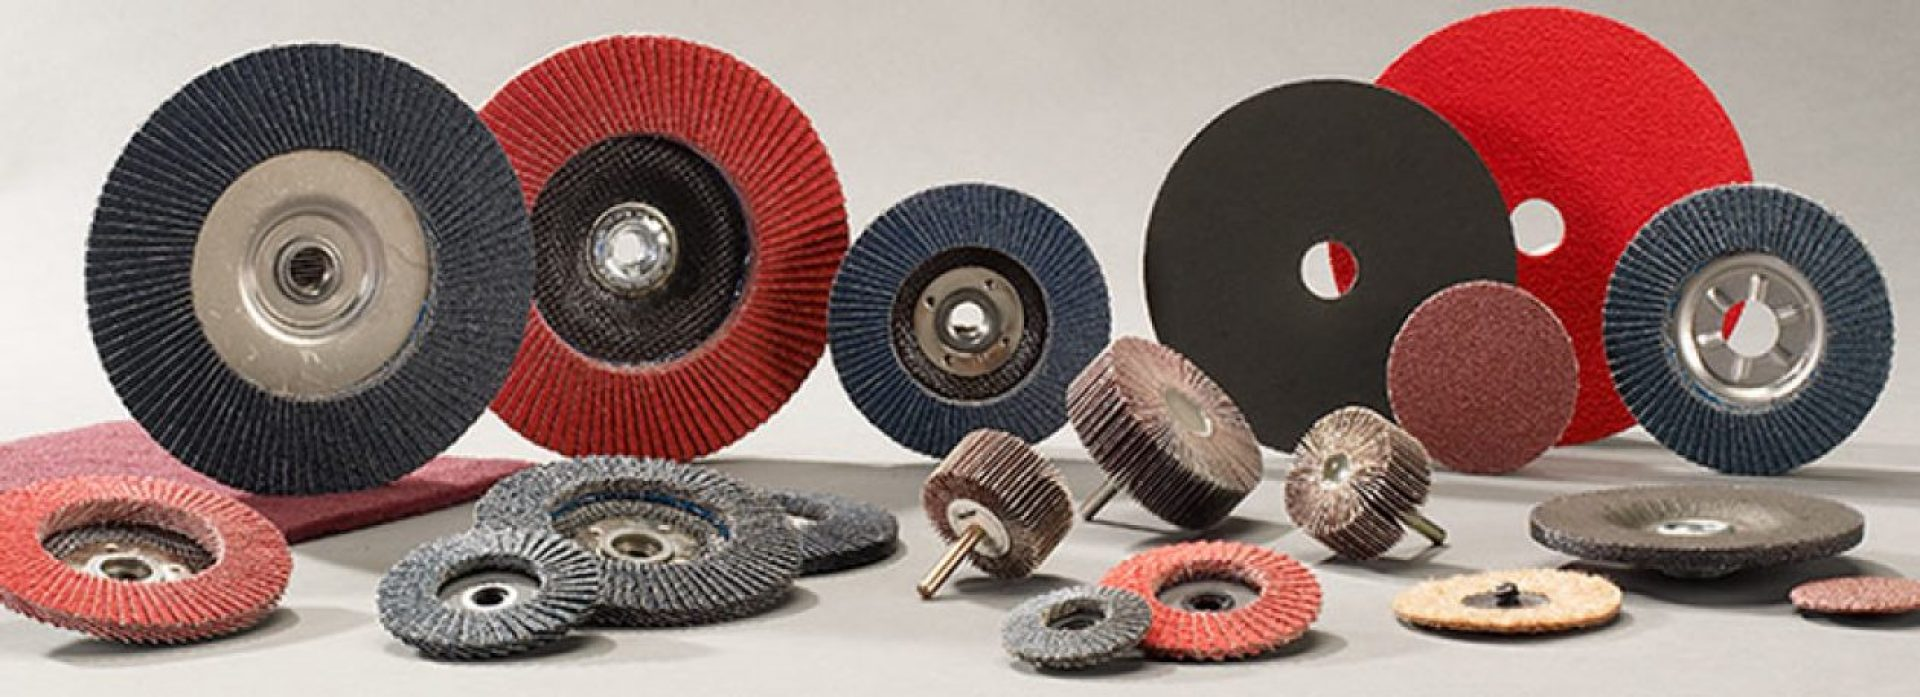 Купить абразивные круги оптом - цены на отрезные, шлифовальные и лепестковые диски